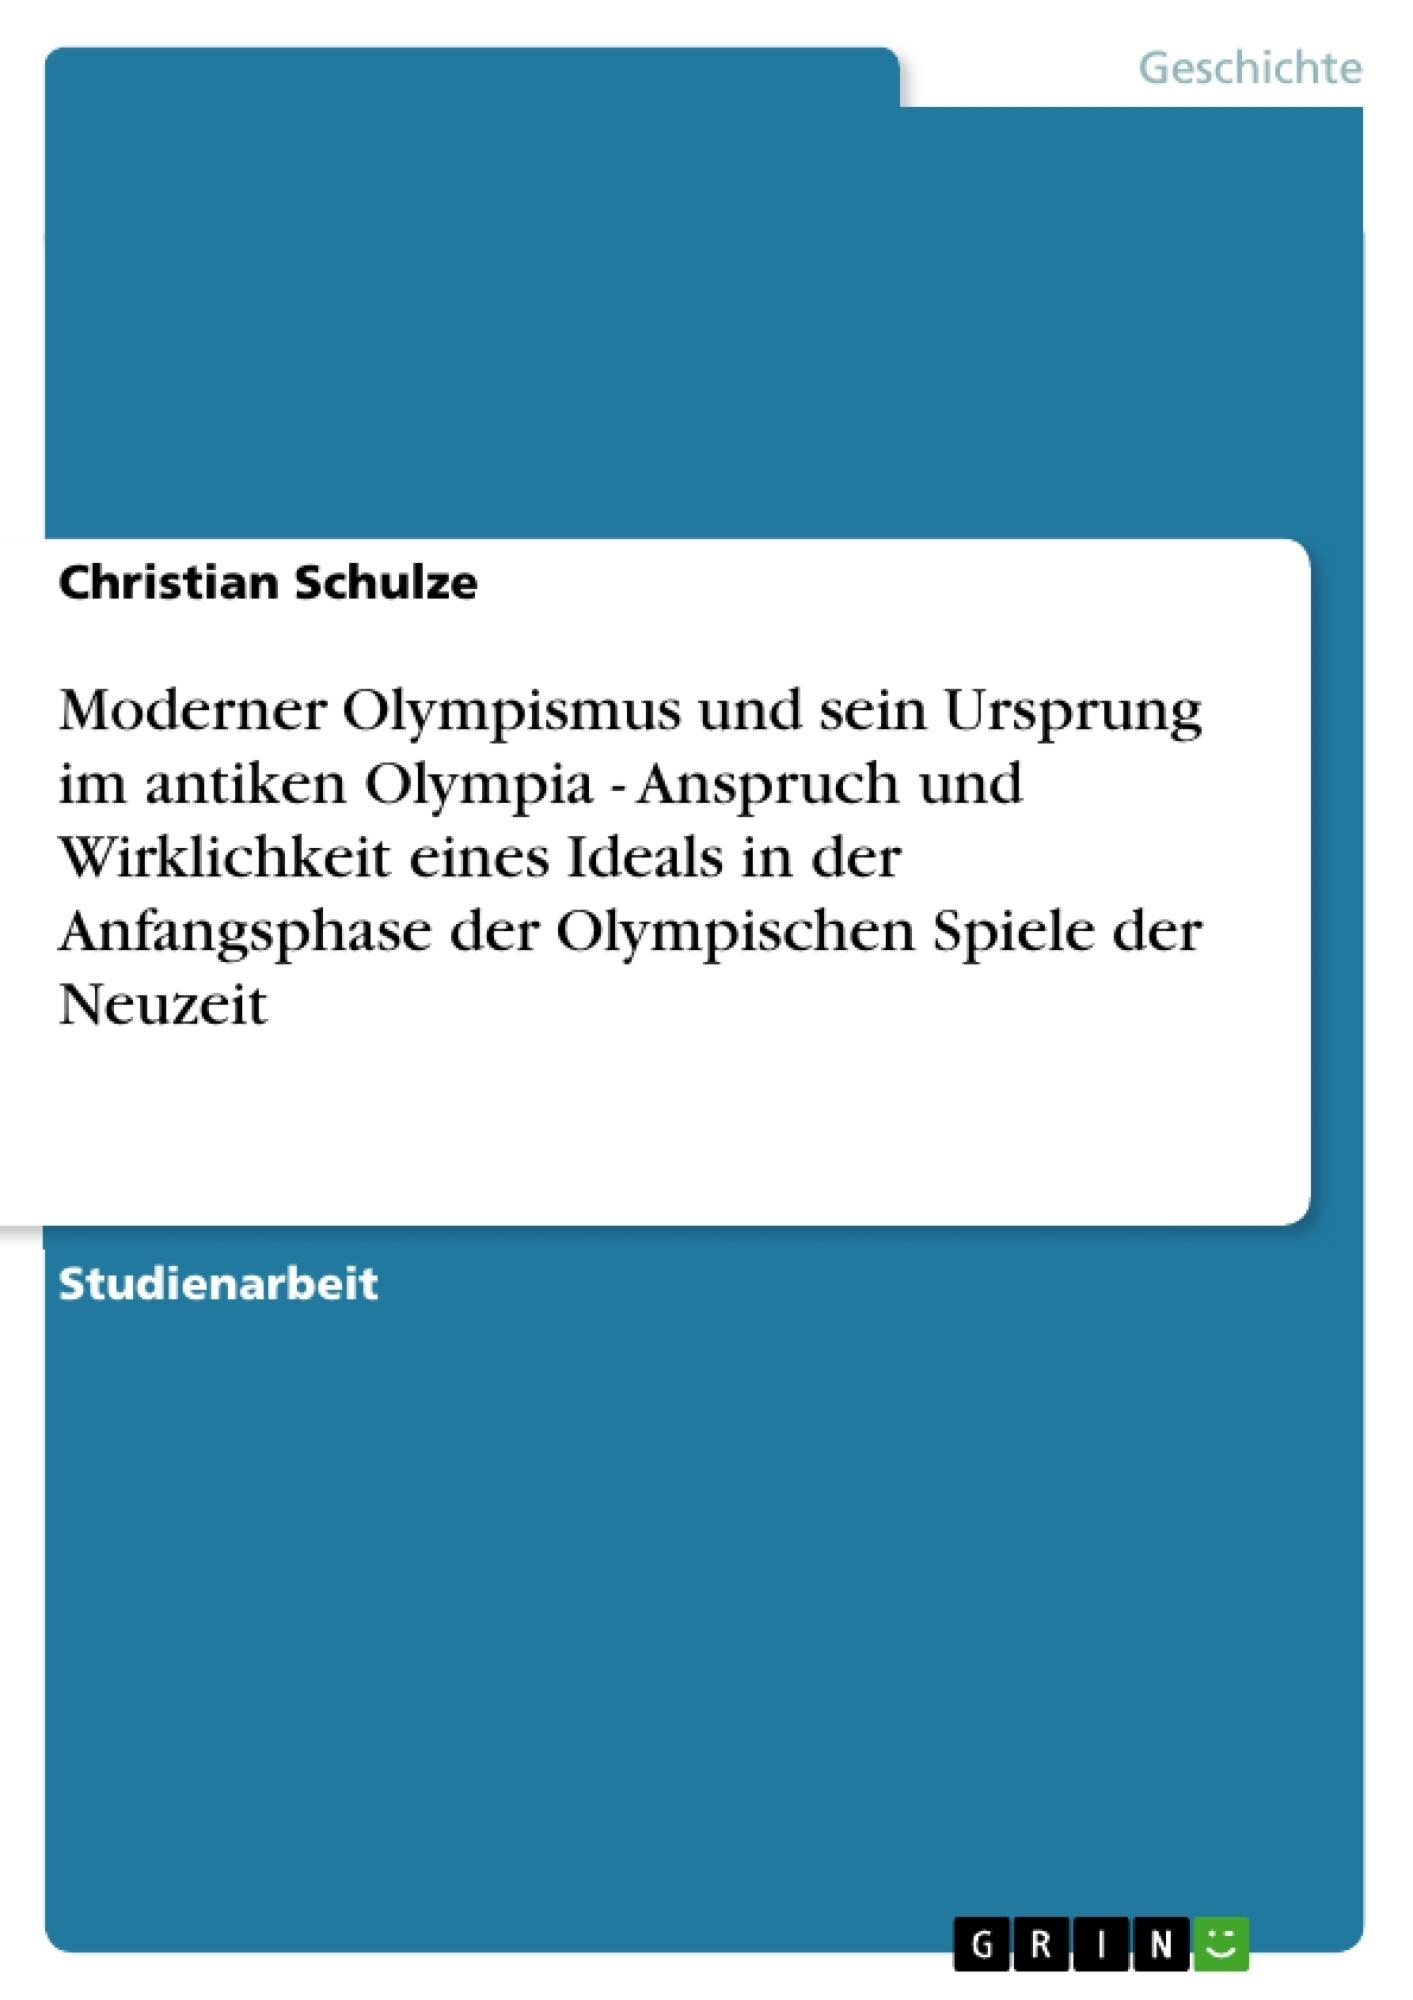 Titel: Moderner Olympismus und sein Ursprung im antiken Olympia - Anspruch und Wirklichkeit eines Ideals in der Anfangsphase der Olympischen Spiele der Neuzeit